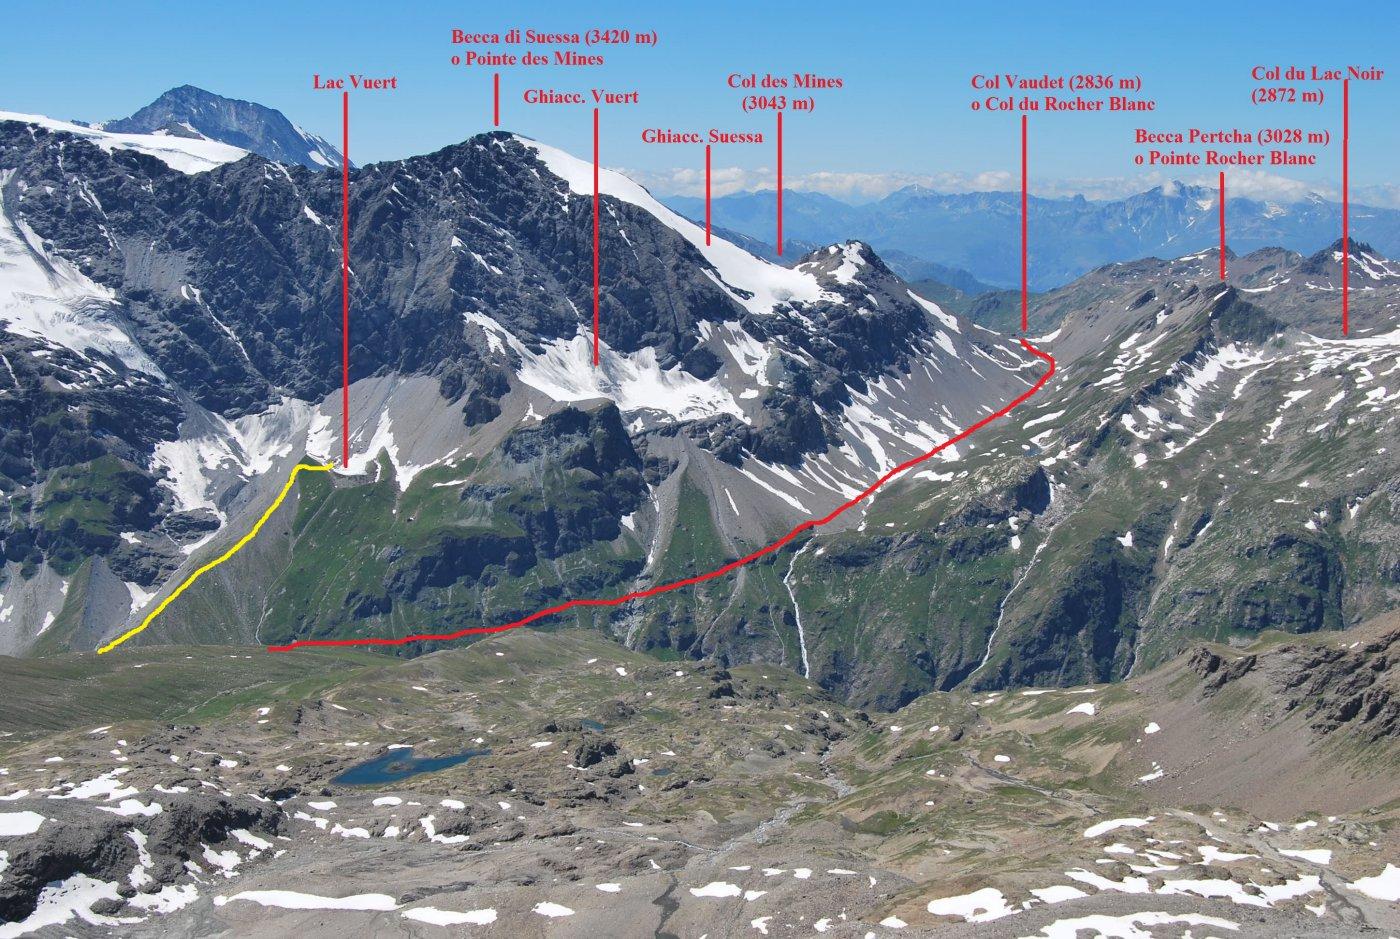 Col Vaudet, Lago di Vuert e relativi percorsi di accesso visti dalla vetta del Truc Blanc (Luglio 2010)